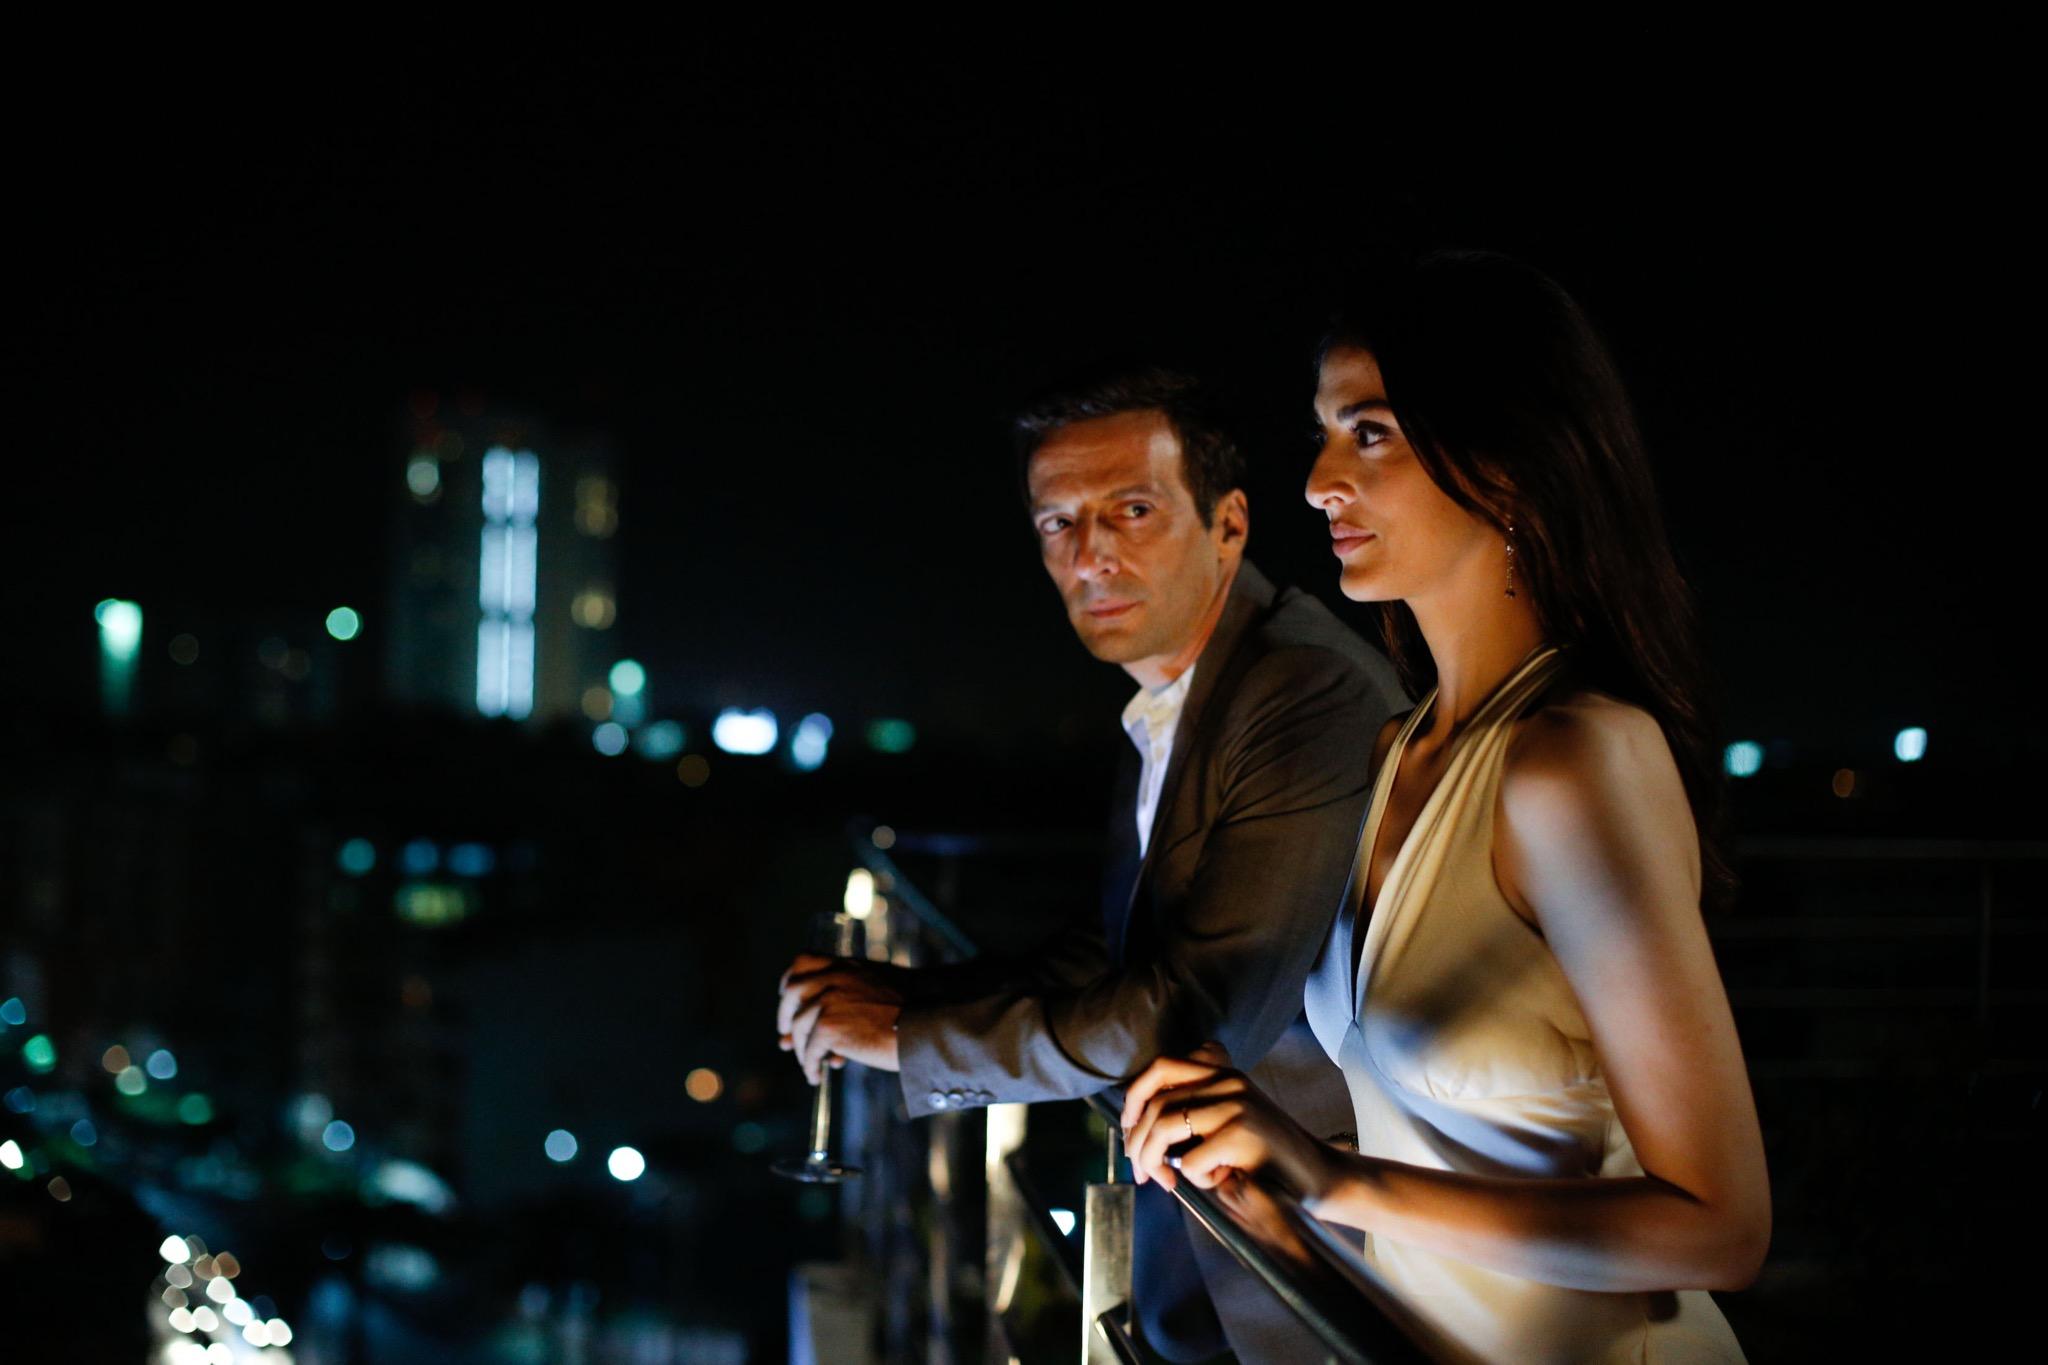 La série despionnage à son apogée u2013 showtime